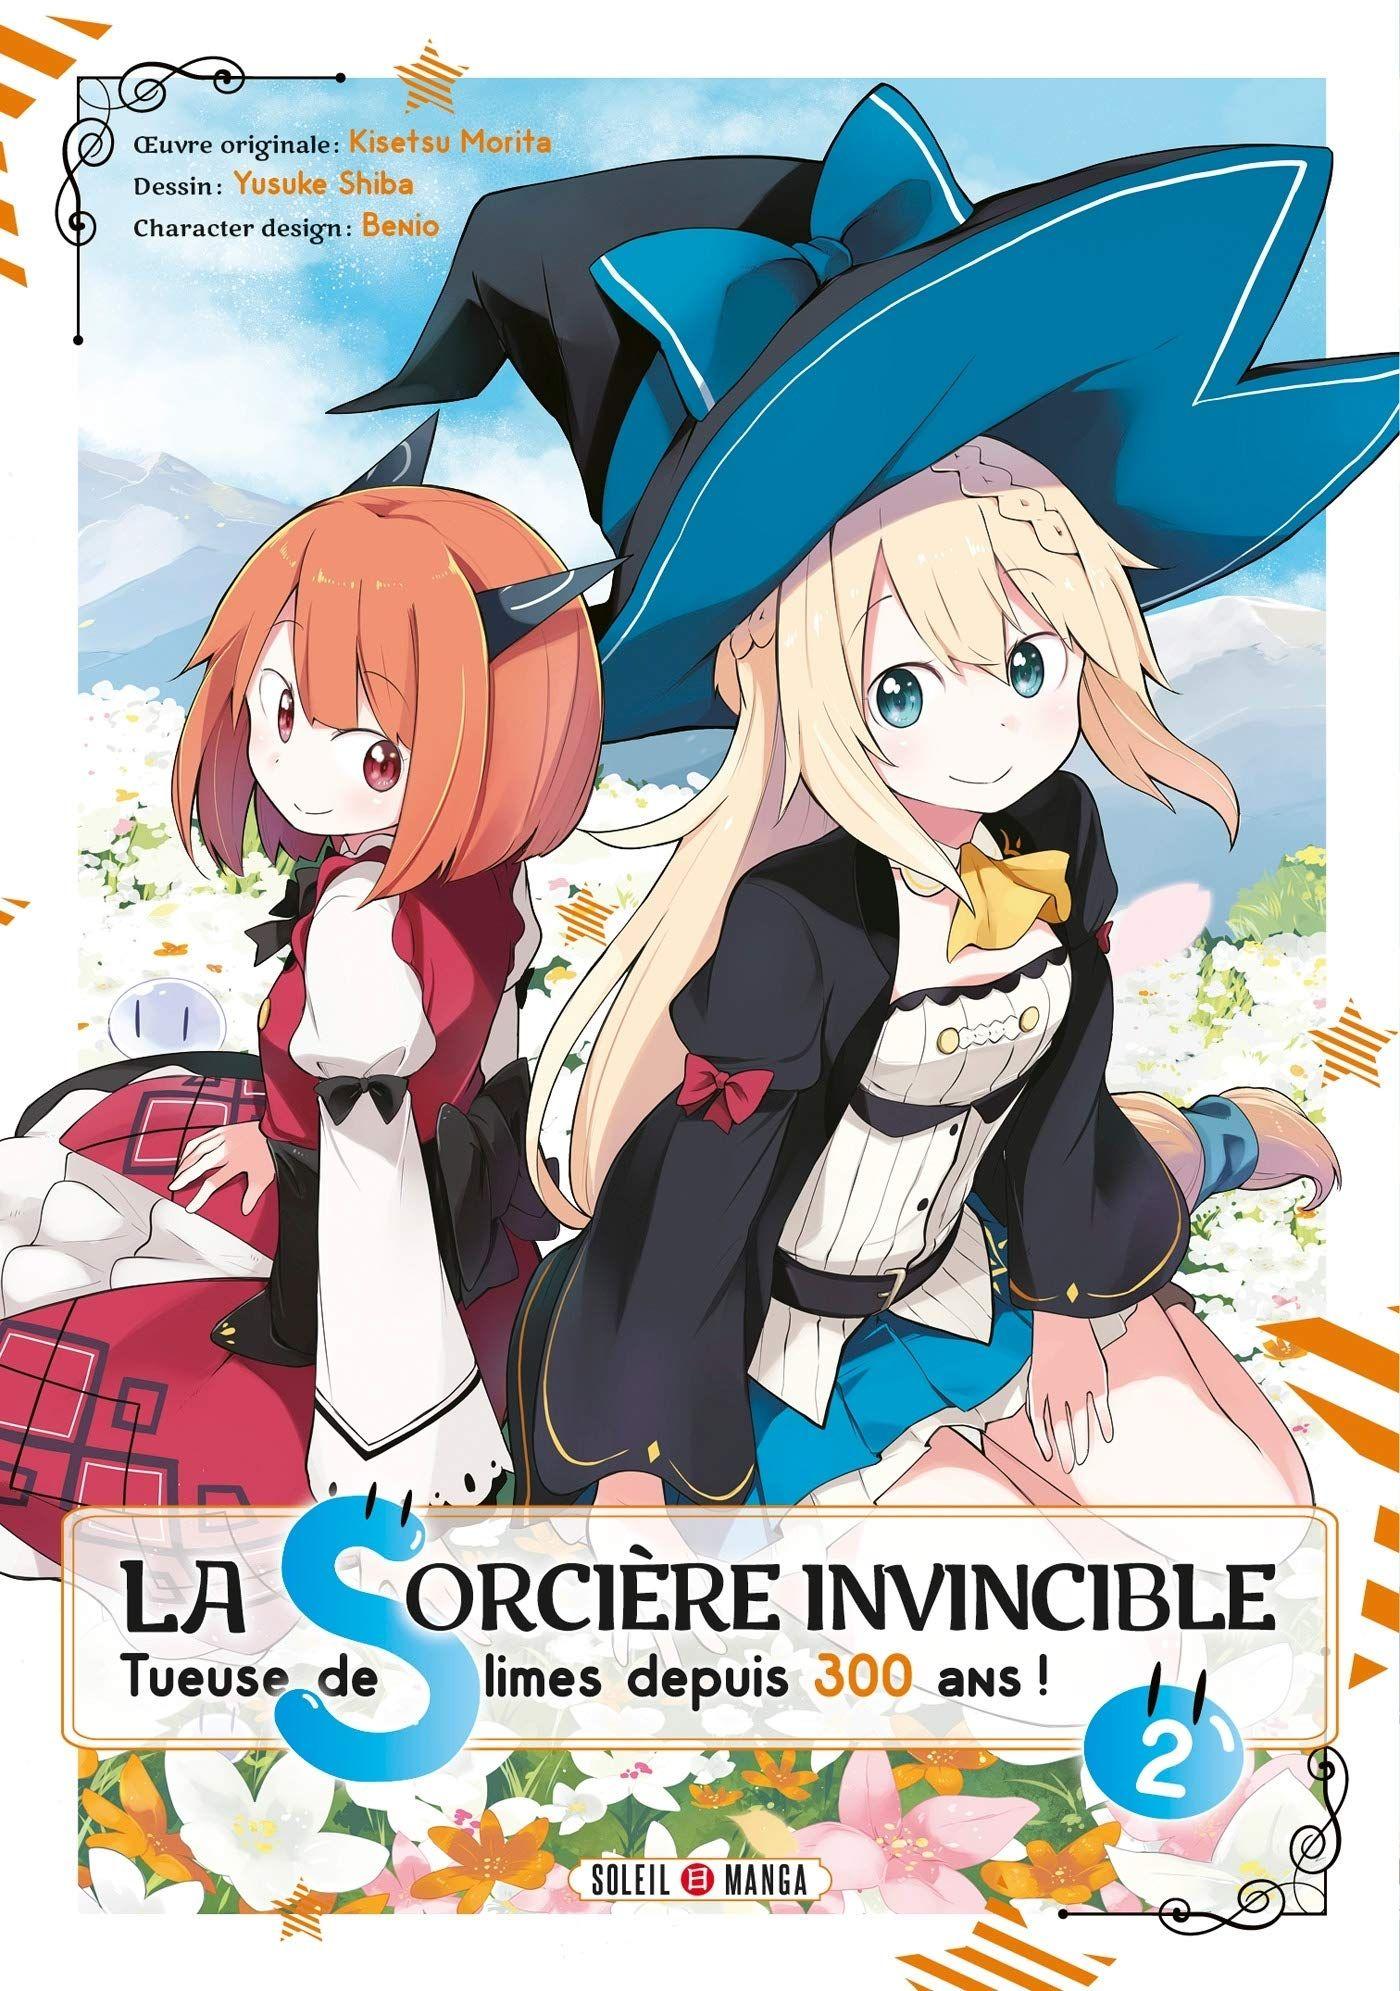 Sortie Manga au Québec JUIN 2021 Sorciere-invincible-300-ans-2-soleil